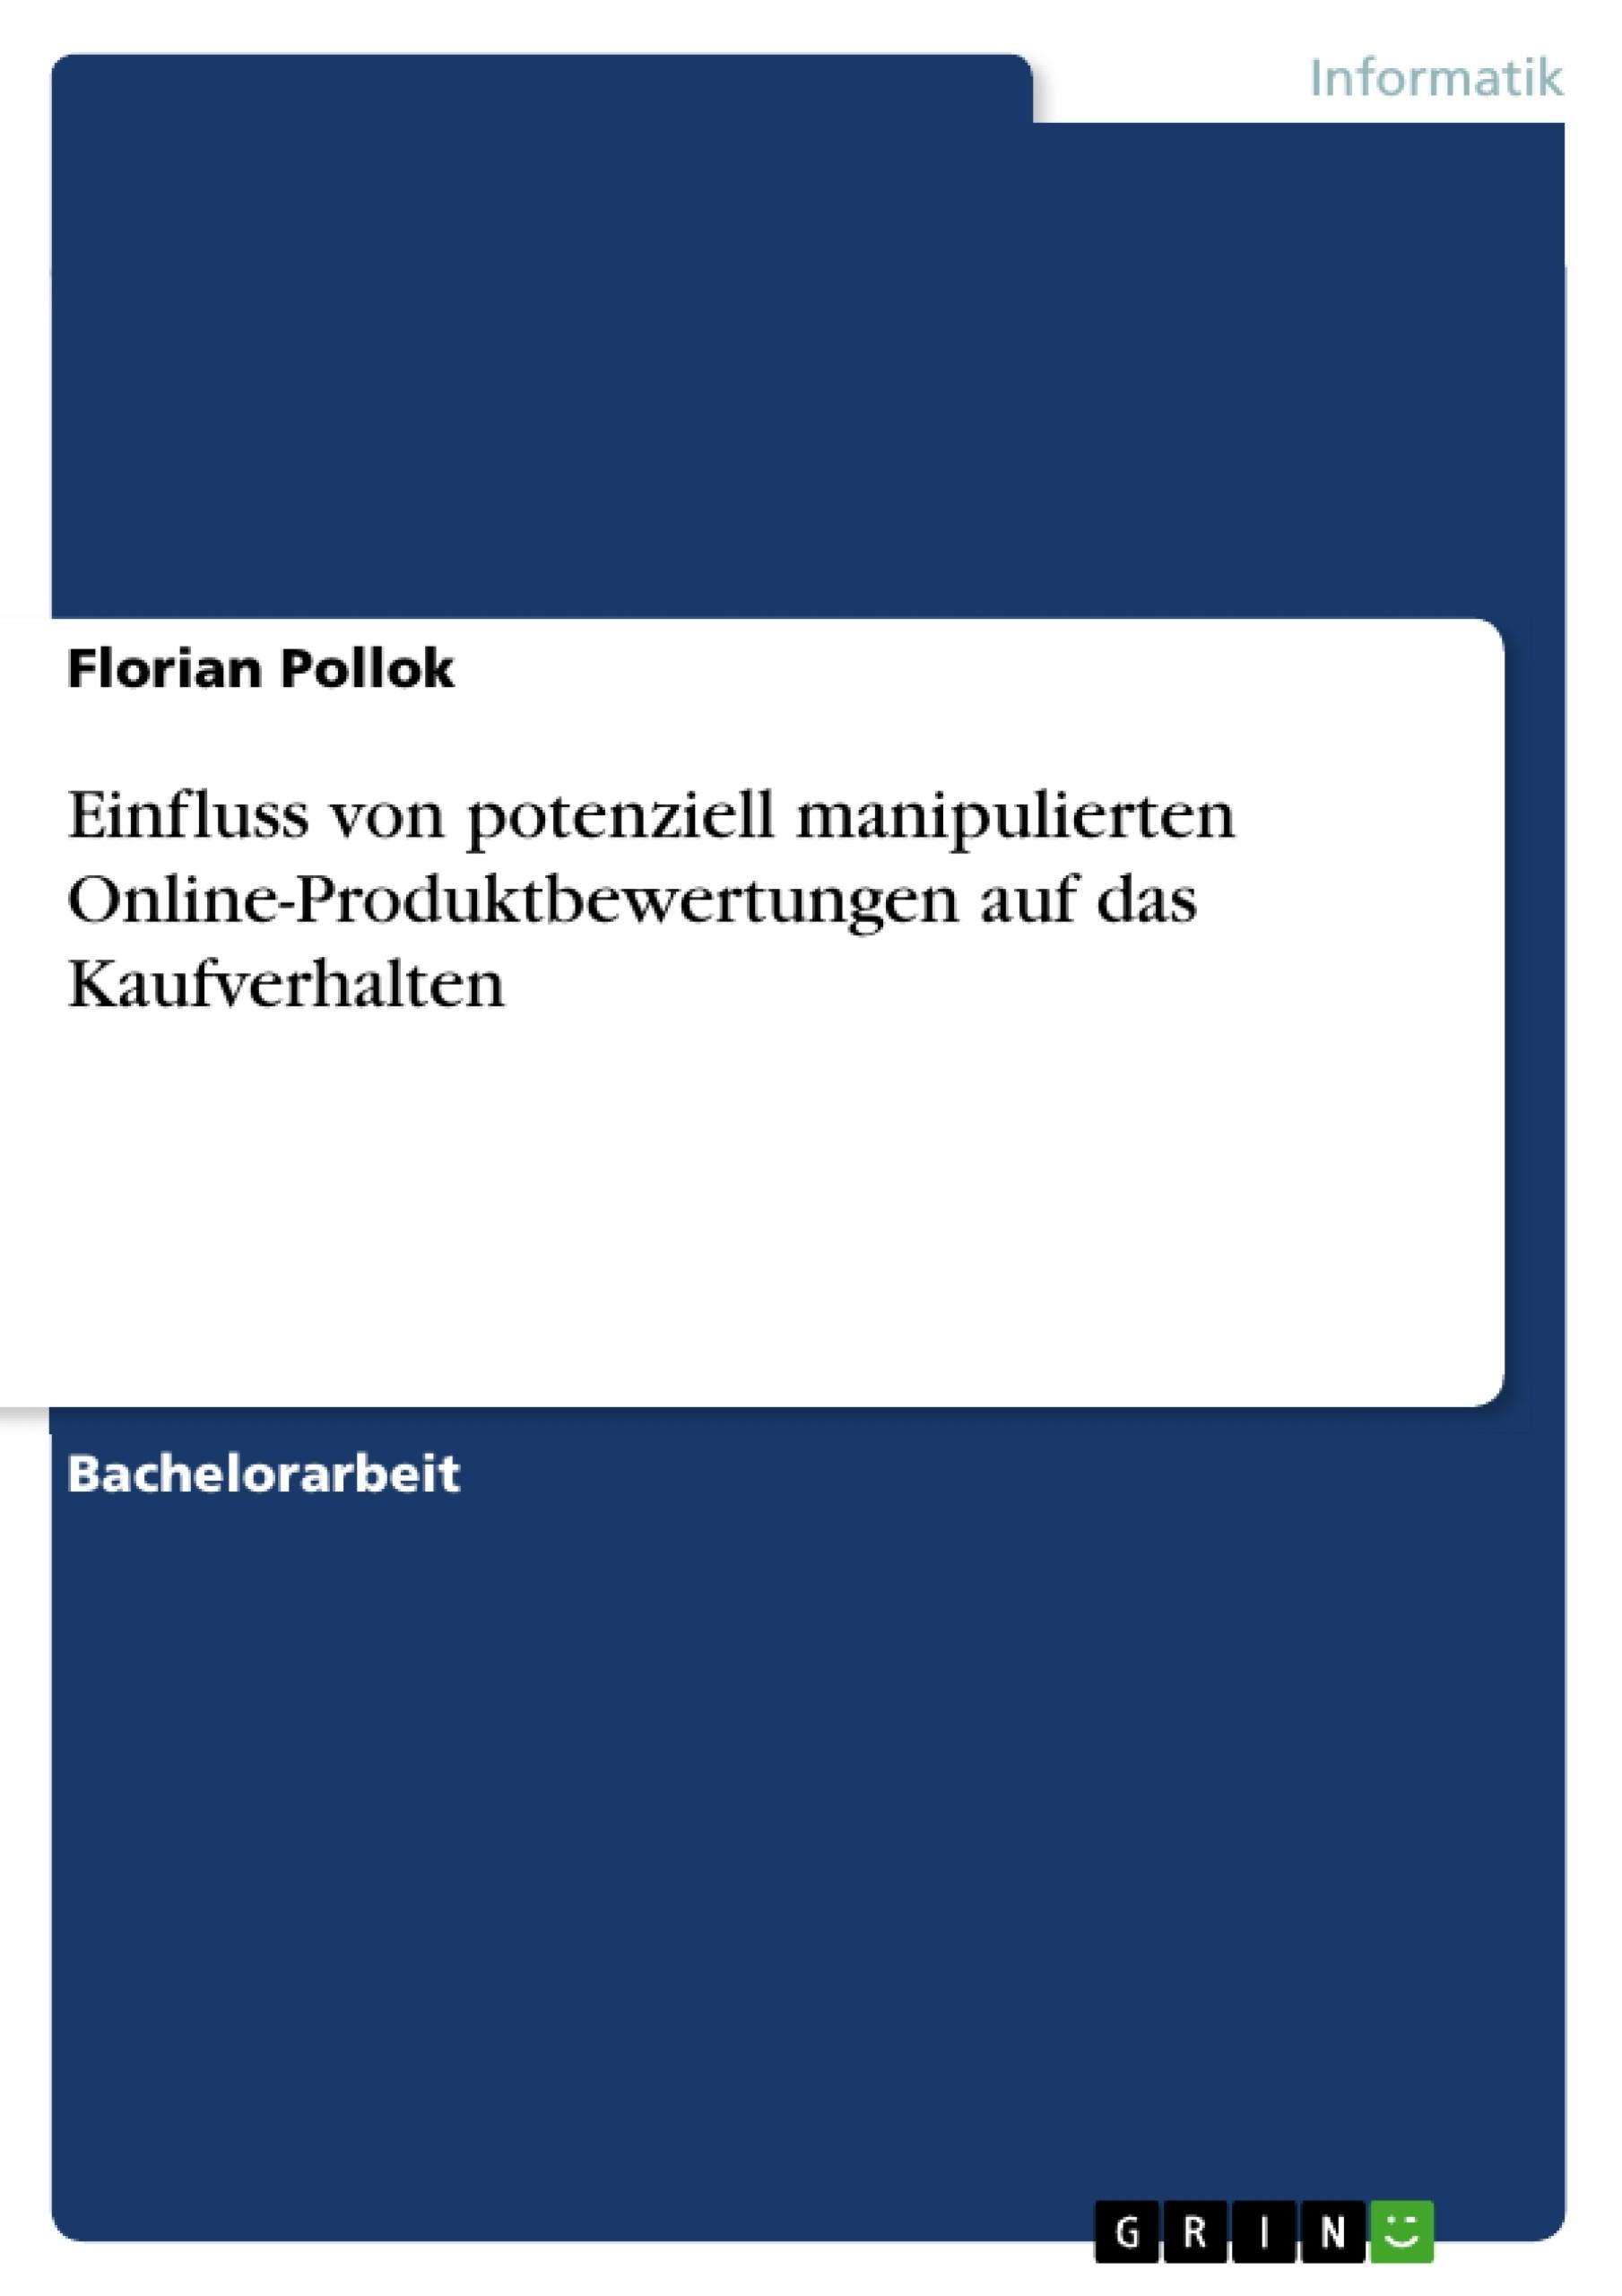 Einfluss von potenziell manipulierten Online-Produktbewertungen ...